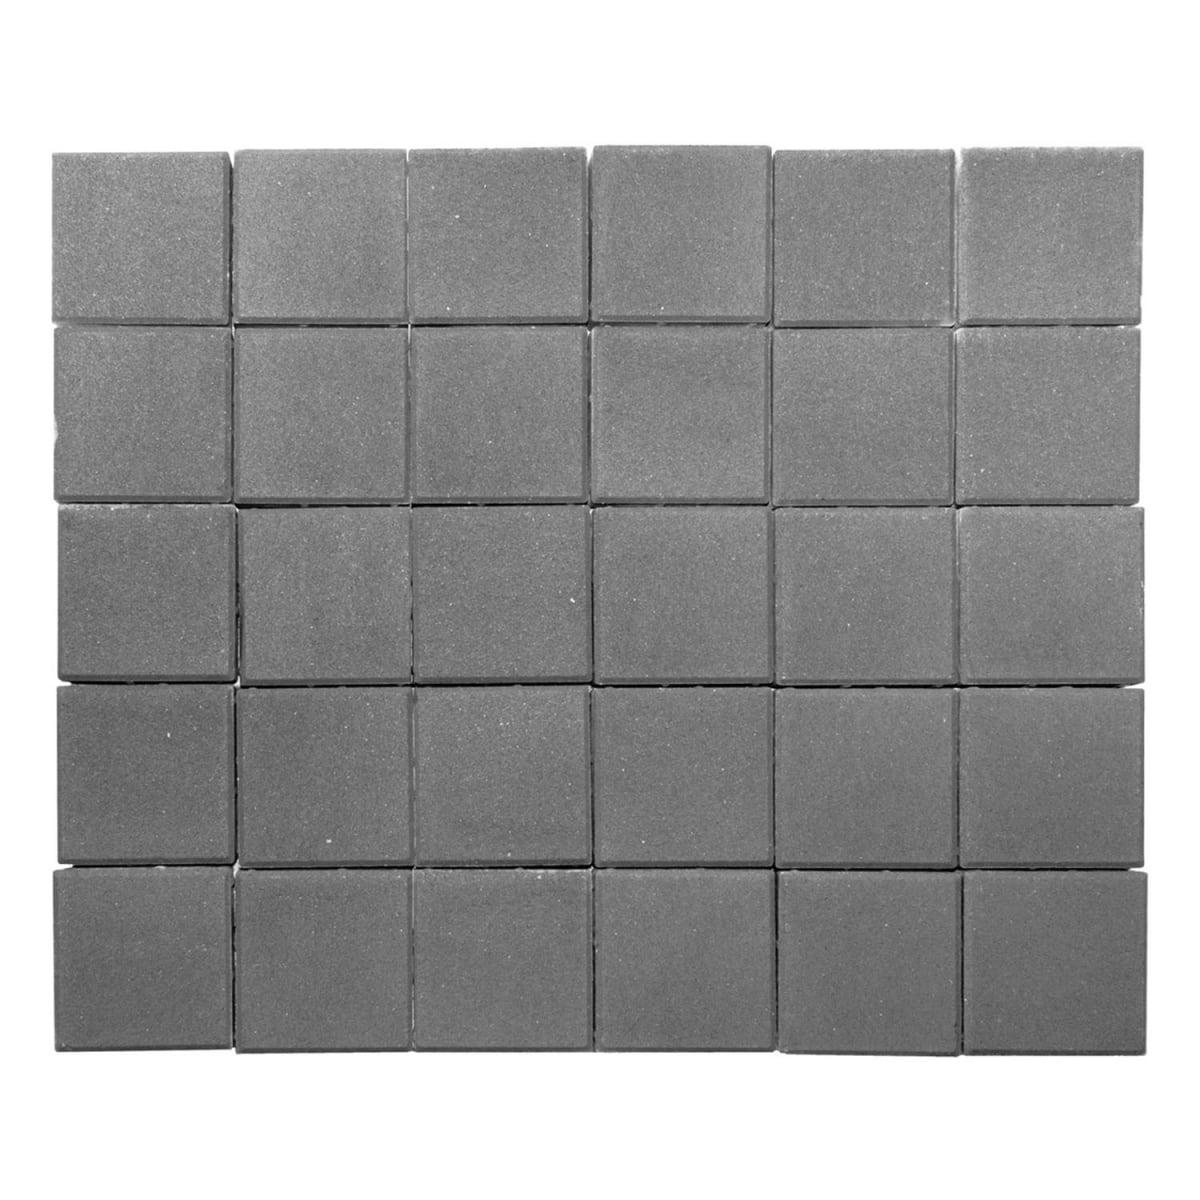 Плитка тротуарная двухслойная Braer Лувр 200х200x60 мм цвет серый